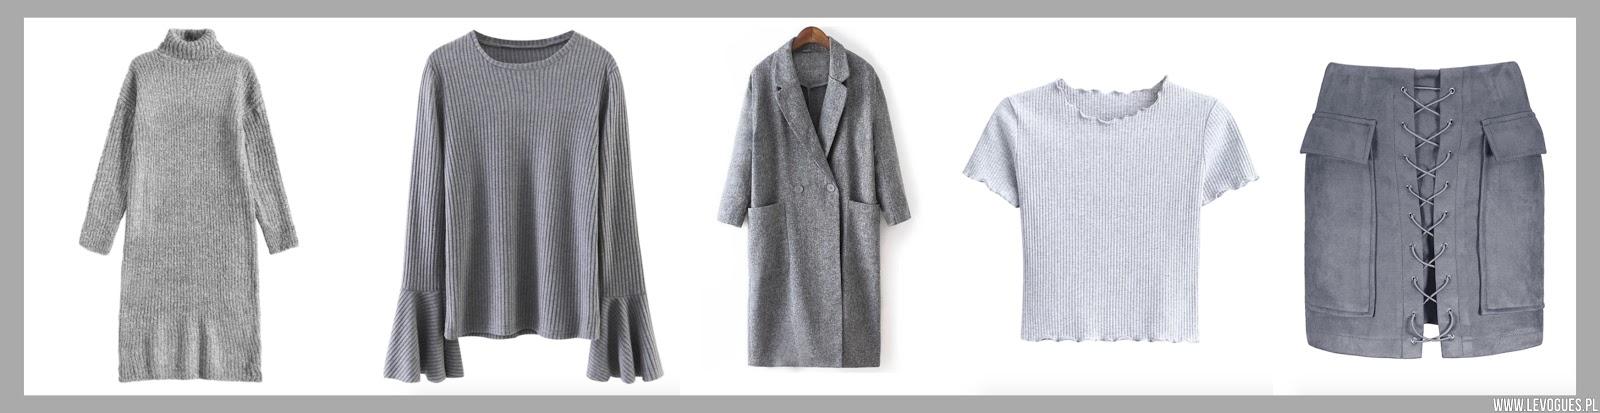 modne kolory trendy jesień zima 2017 2018